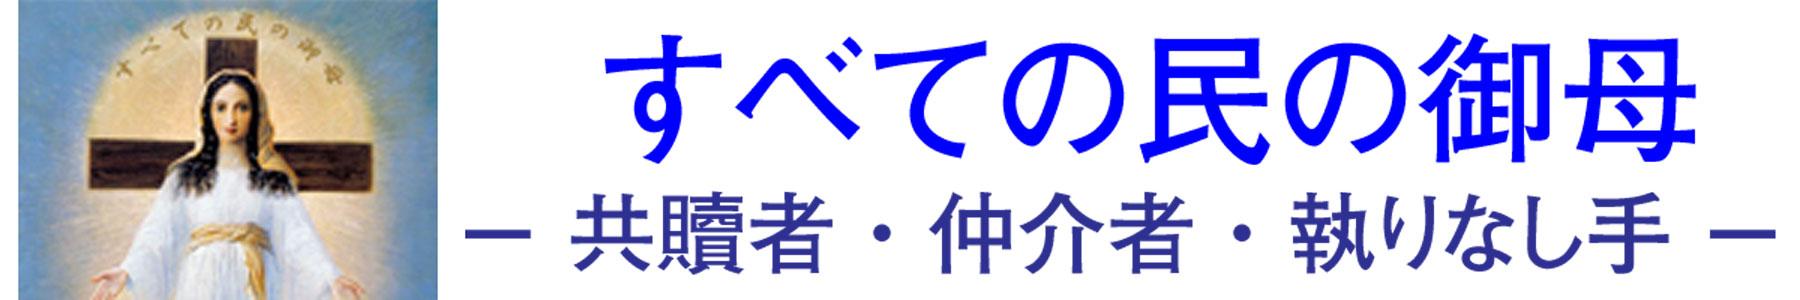 すべての民の御母 日本公式サイト